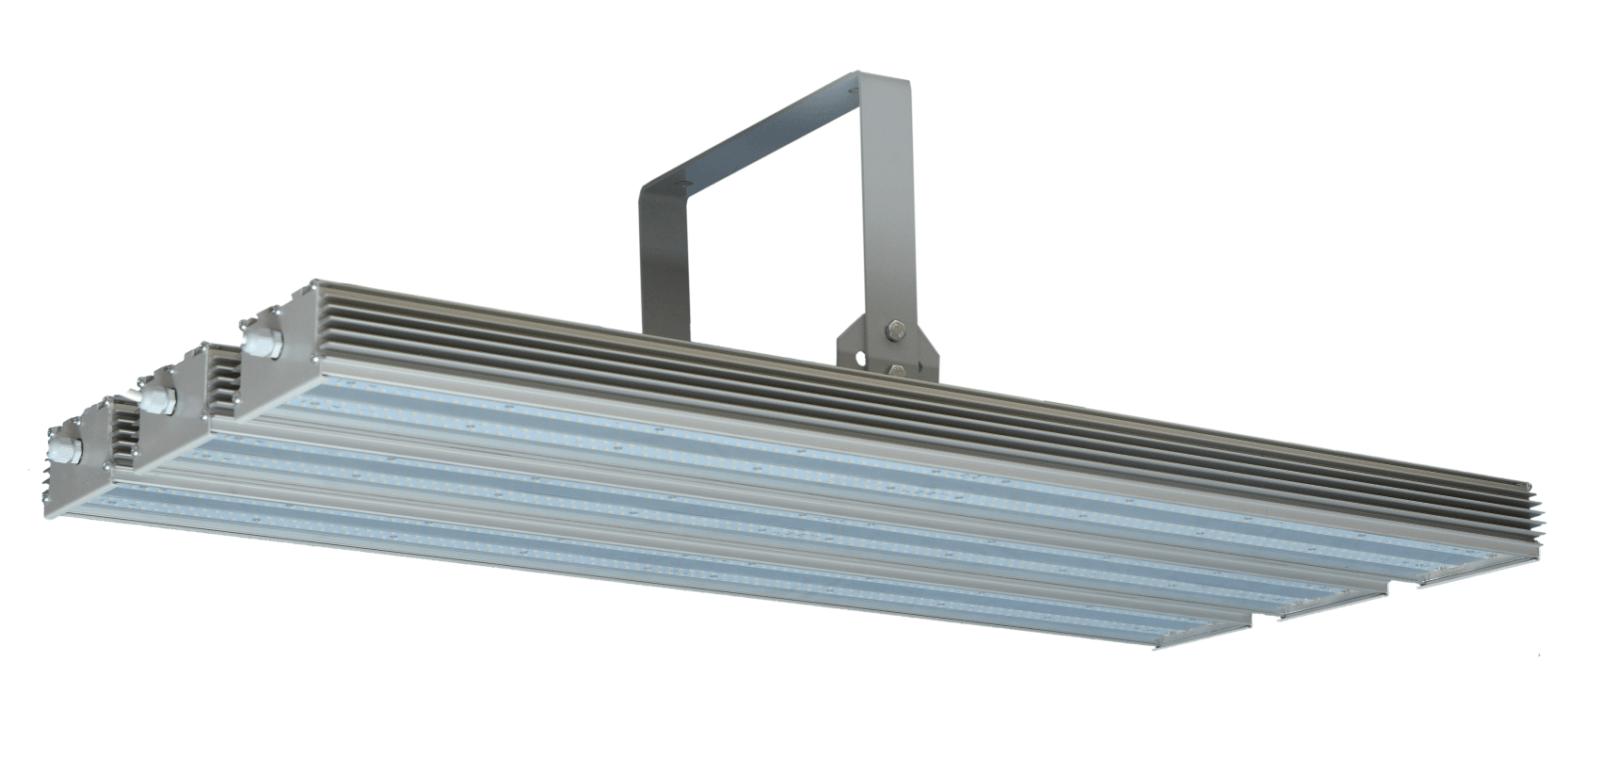 Уличный светодиодный светильник PLO 05-010-5-600 Вт (3х200) Лира